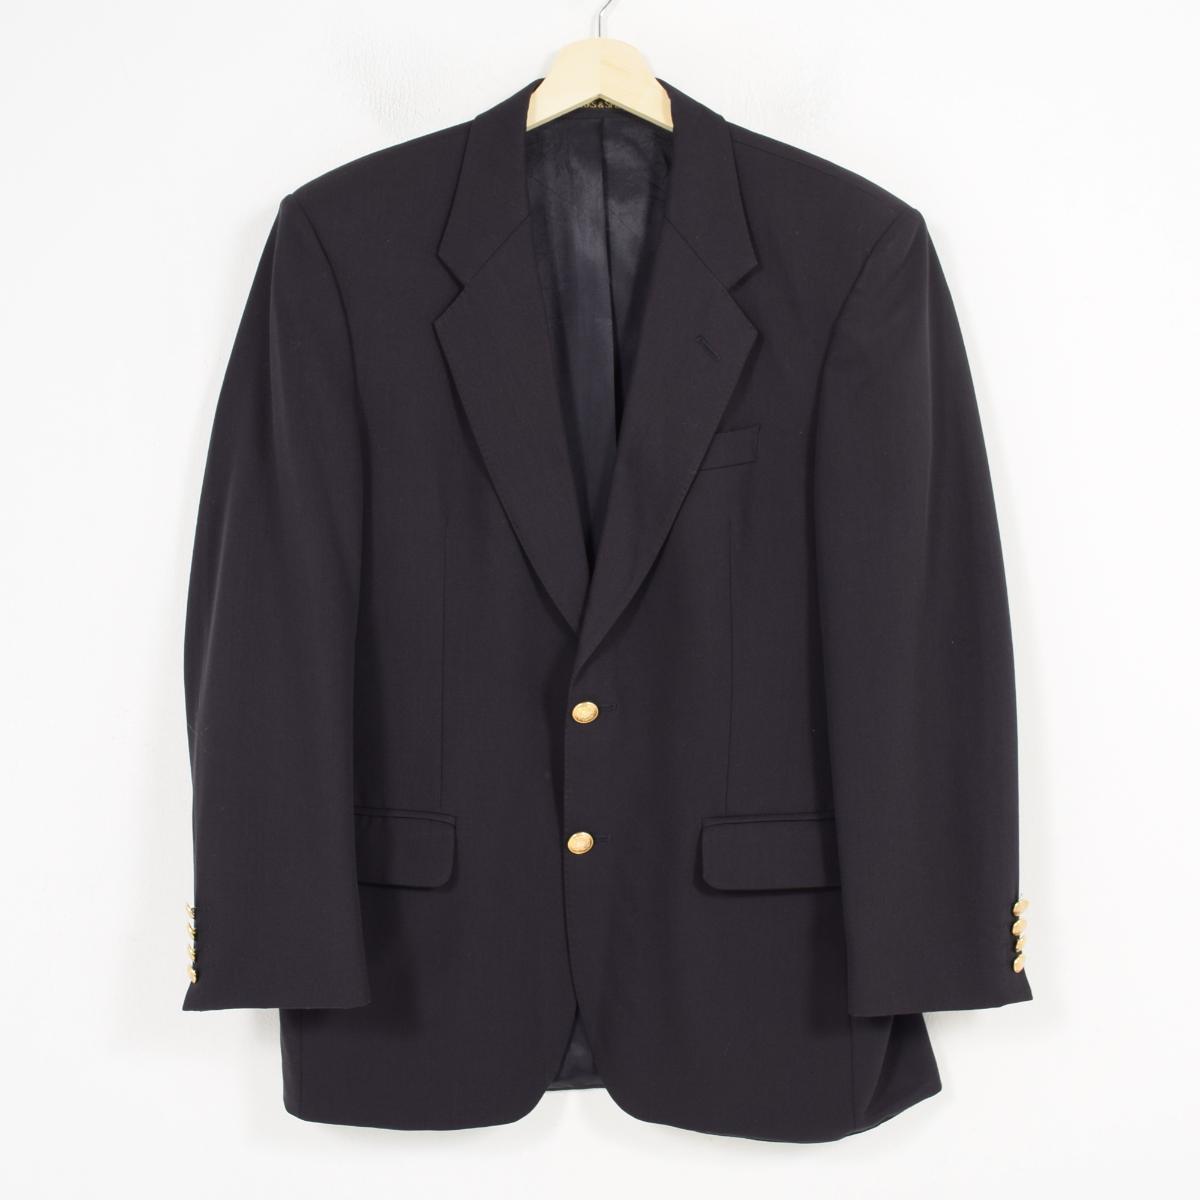 MARKS&SPENCER テーラードジャケット 英国製 メンズS /wan2462 【中古】 【171224】【SS1901】